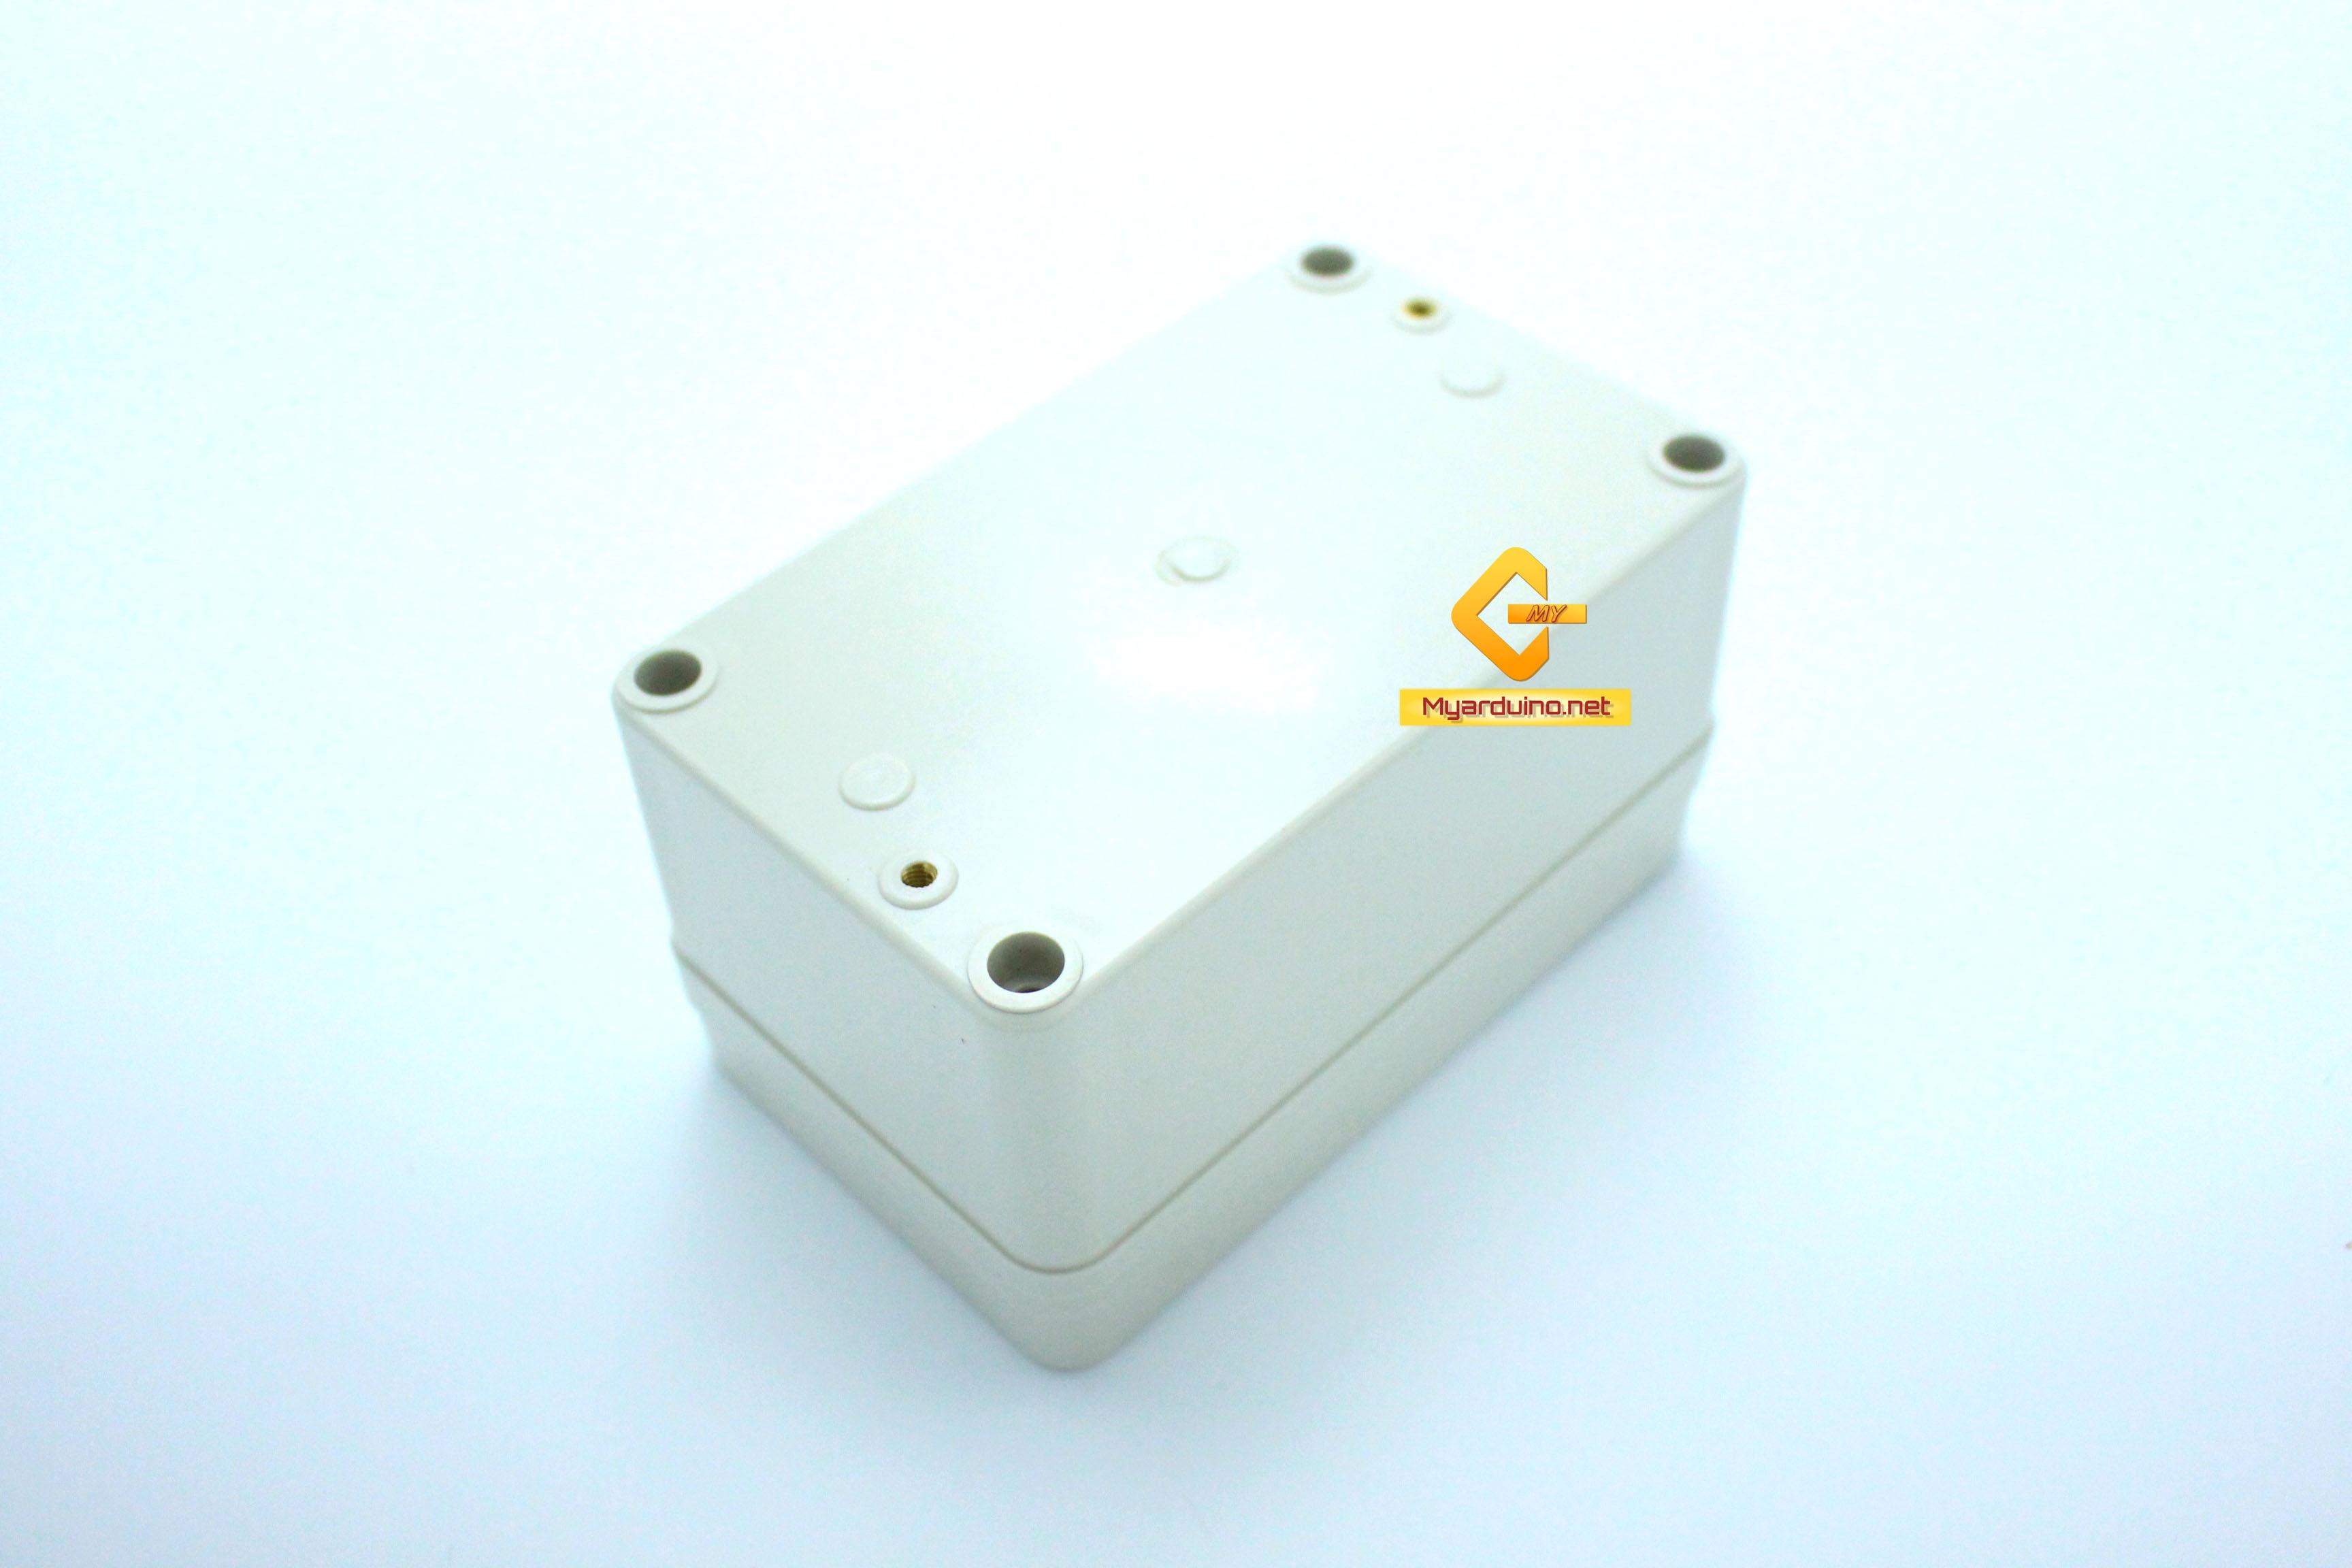 กล่องอิเล็กทรอนิกส์ อเนกประสงค์ กันน้ำ สีเทา 130*80*70mm